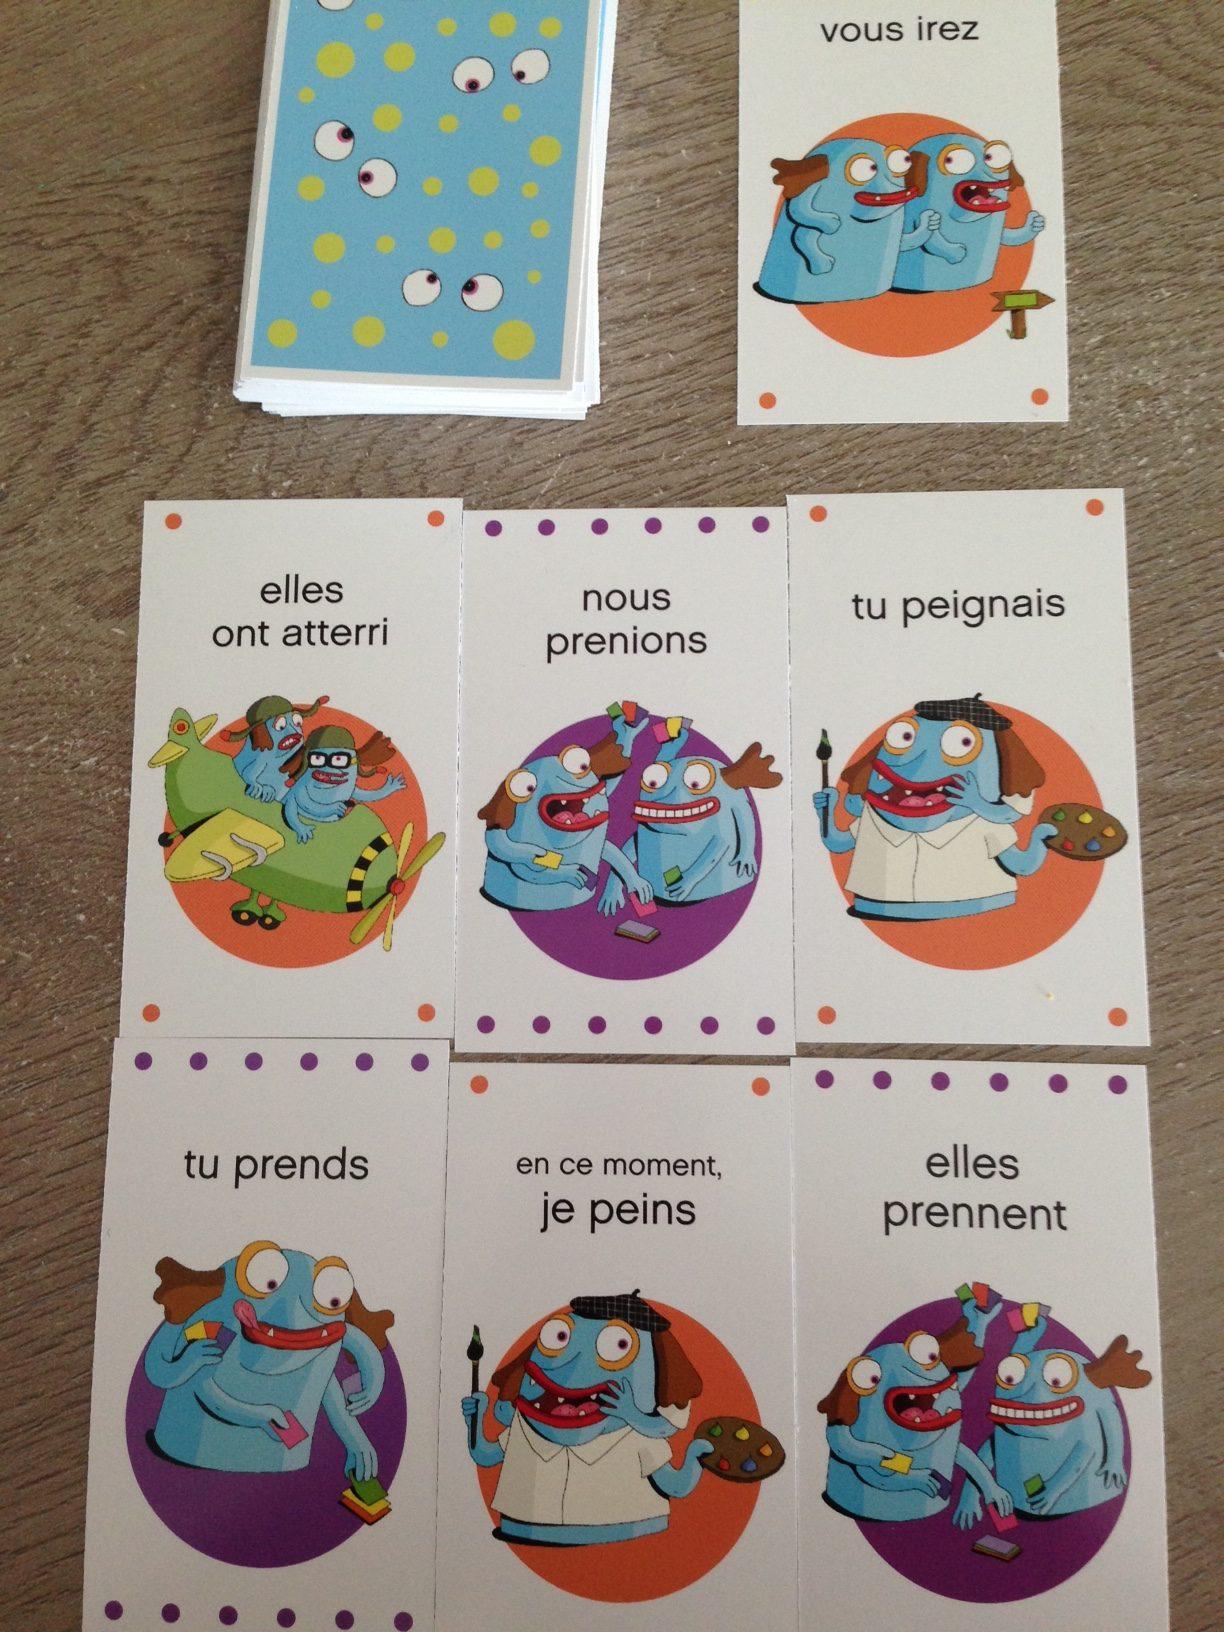 Apprendre La Conjugaison En S'amusant : apprendre, conjugaison, s'amusant, Conjugaison, Cartes, Apprendre, S'amusant